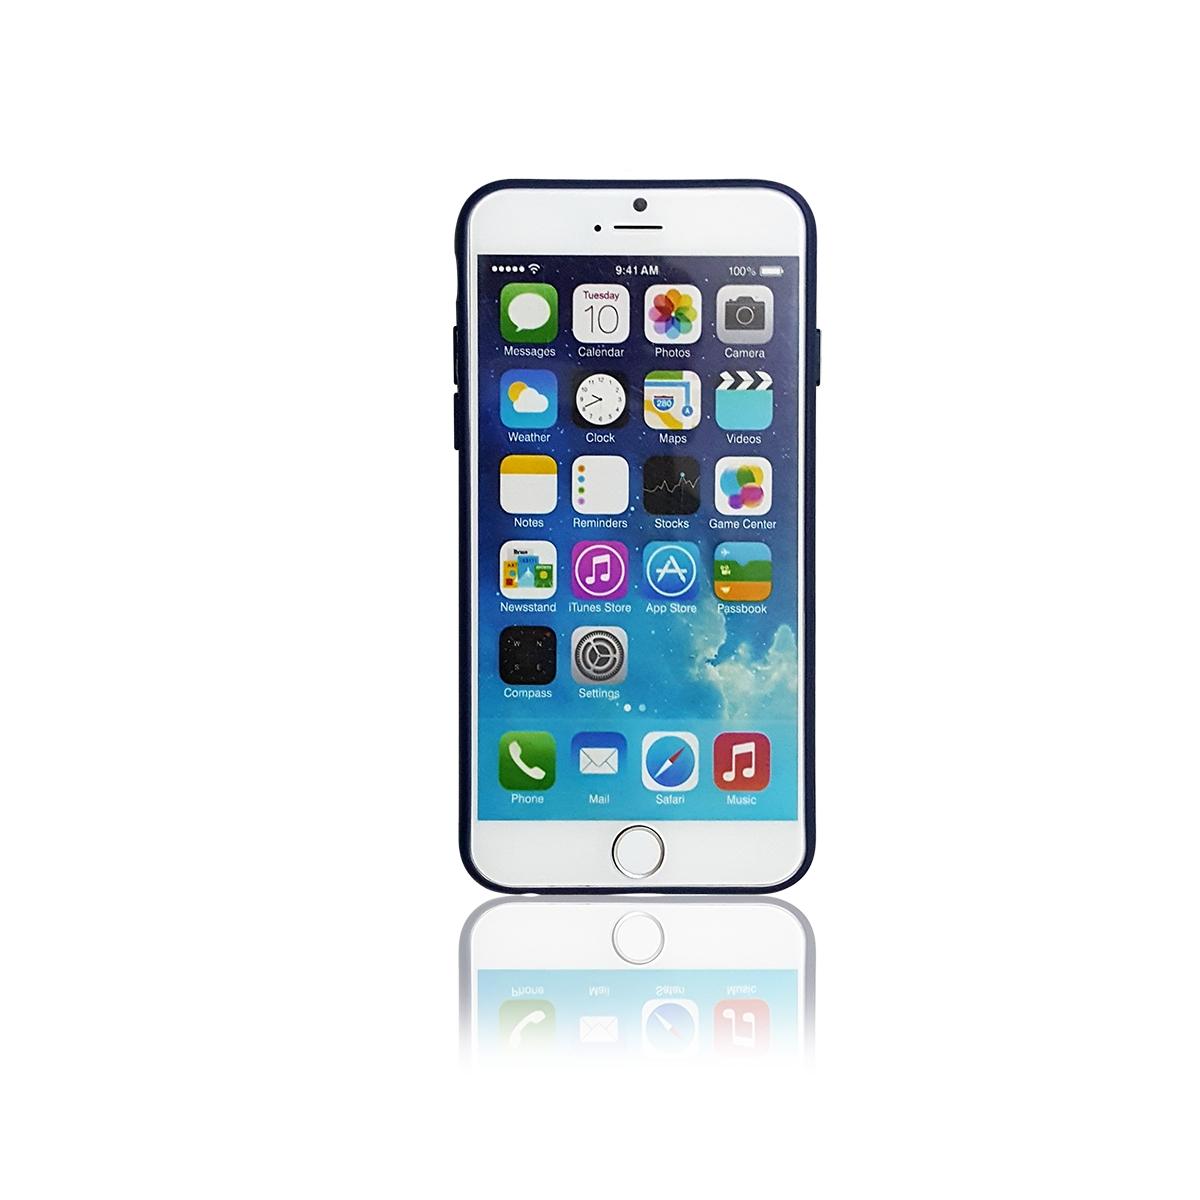 Ốp lưng iPhone 6/6S Plus, Tuxedo Frosted, nhựa cao cấp, đàn hồi, chống va đập